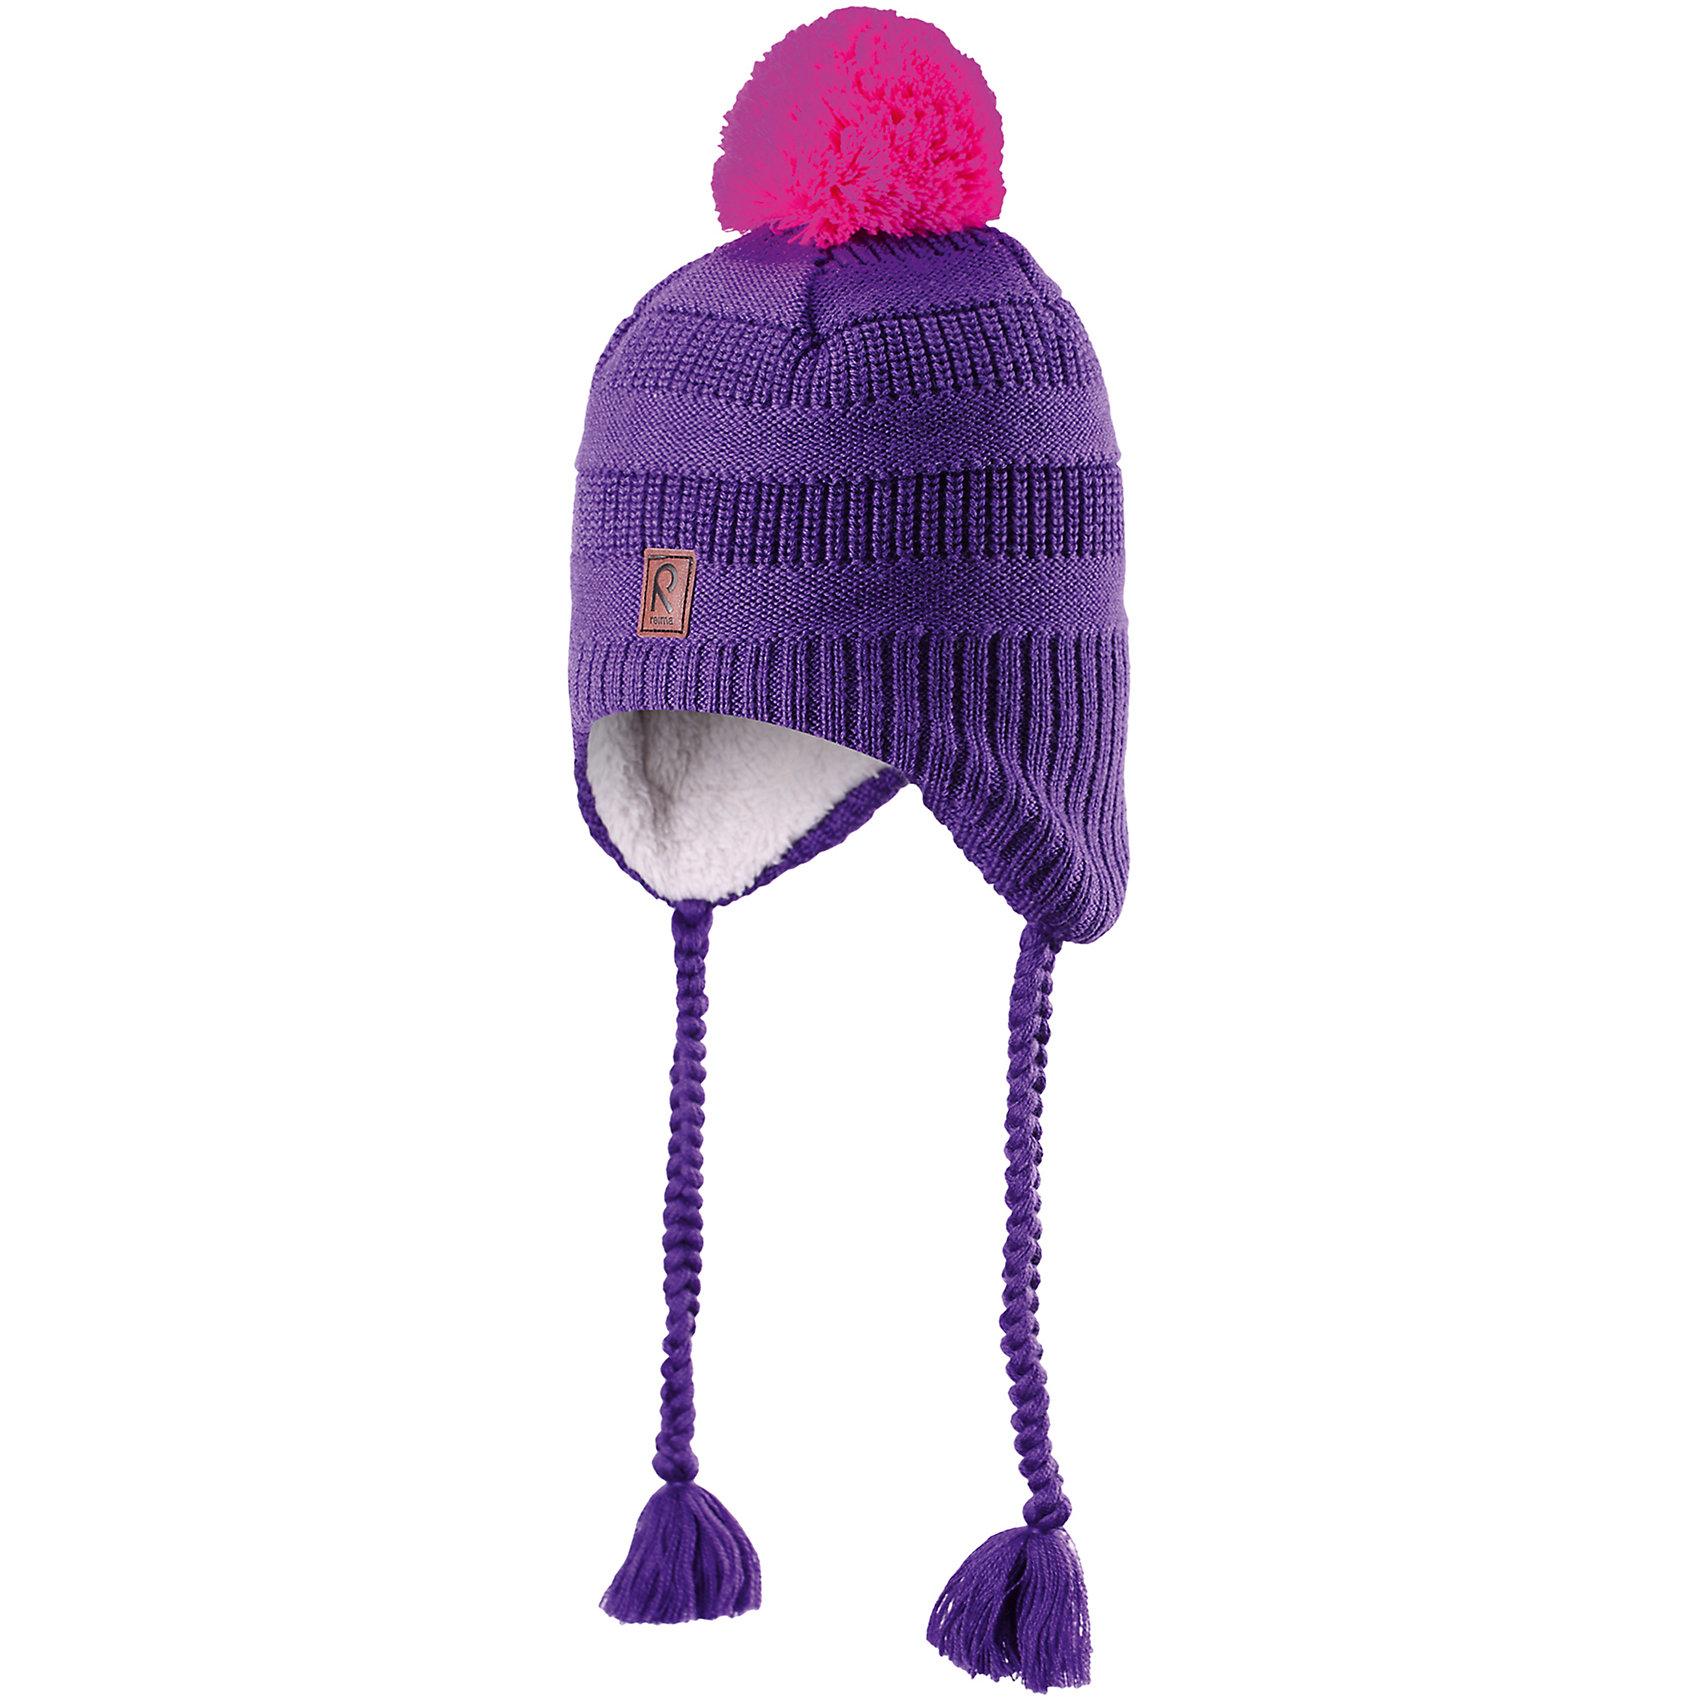 Шапка для девочки ReimaШапки и шарфы<br>Эта забавная яркая шапочка-бини для малышей и детей постарше отлично подойдёт для активных маленьких рыцарей и принцесс! Шапка связана из смеси тёплой шерсти и имеет пушистую подкладку с начёсом, поэтому её приятно носить. Ветронепроницаемые вставки в области ушей защитят от холодного зимнего ветра, поэтому маленькие ушки не замёрзнут, когда ребёнок будет играть на улице. Симпатичный помпон и объемный узор в виде кос завершают образ!<br><br>Шапка-бини для малышей и детей постарше<br>Связана из смеси тёплой шерсти<br>Полностью на подкладке: Мягкий, тёплый полиэстер с начёсом<br>Ветронепроницаемые вставки в области ушей<br>Состав:<br>50% Шерсть 50% Акрил<br><br><br>Шапку Reima (Рейма) можно купить в нашем магазине.<br><br>Ширина мм: 89<br>Глубина мм: 117<br>Высота мм: 44<br>Вес г: 155<br>Цвет: фиолетовый<br>Возраст от месяцев: 48<br>Возраст до месяцев: 60<br>Пол: Женский<br>Возраст: Детский<br>Размер: 52,50,54,48<br>SKU: 4208808